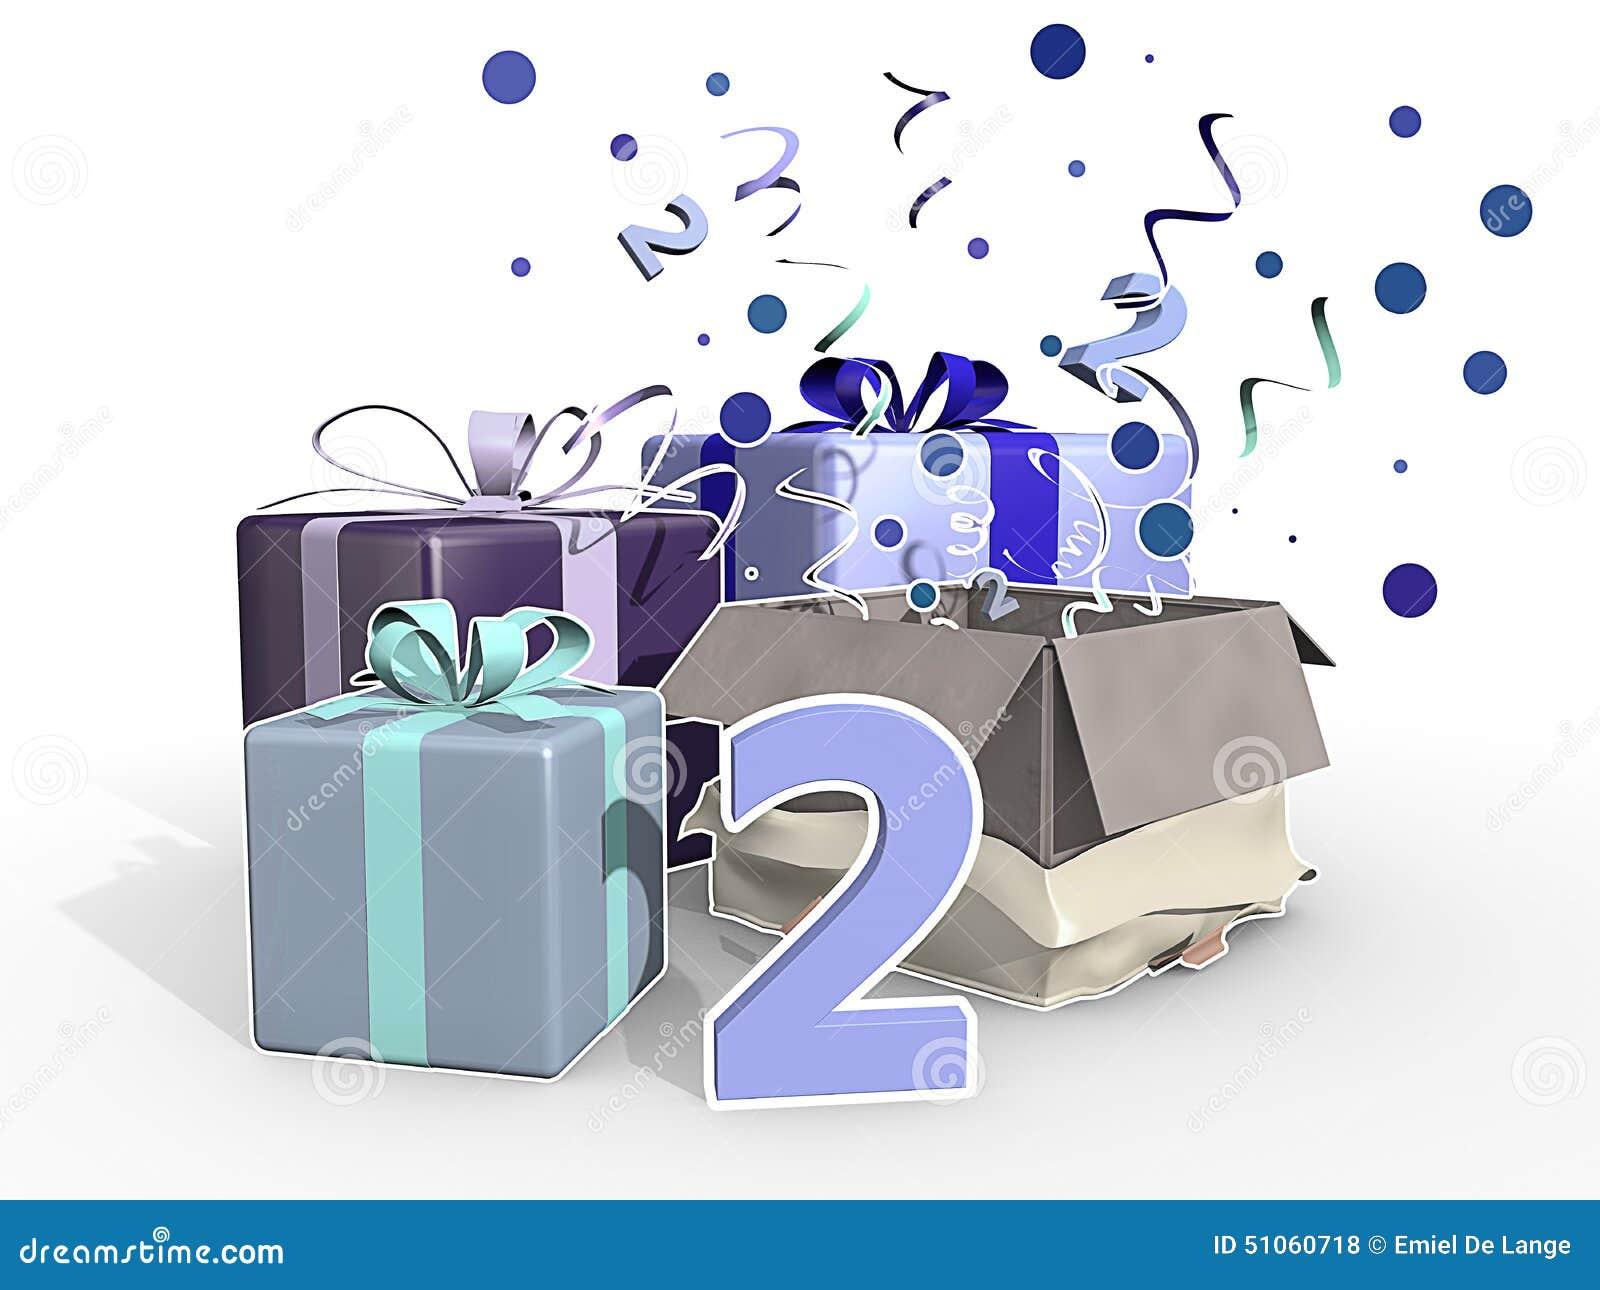 En illustration av gåvor för för pojkar en födelsedag i andra hand